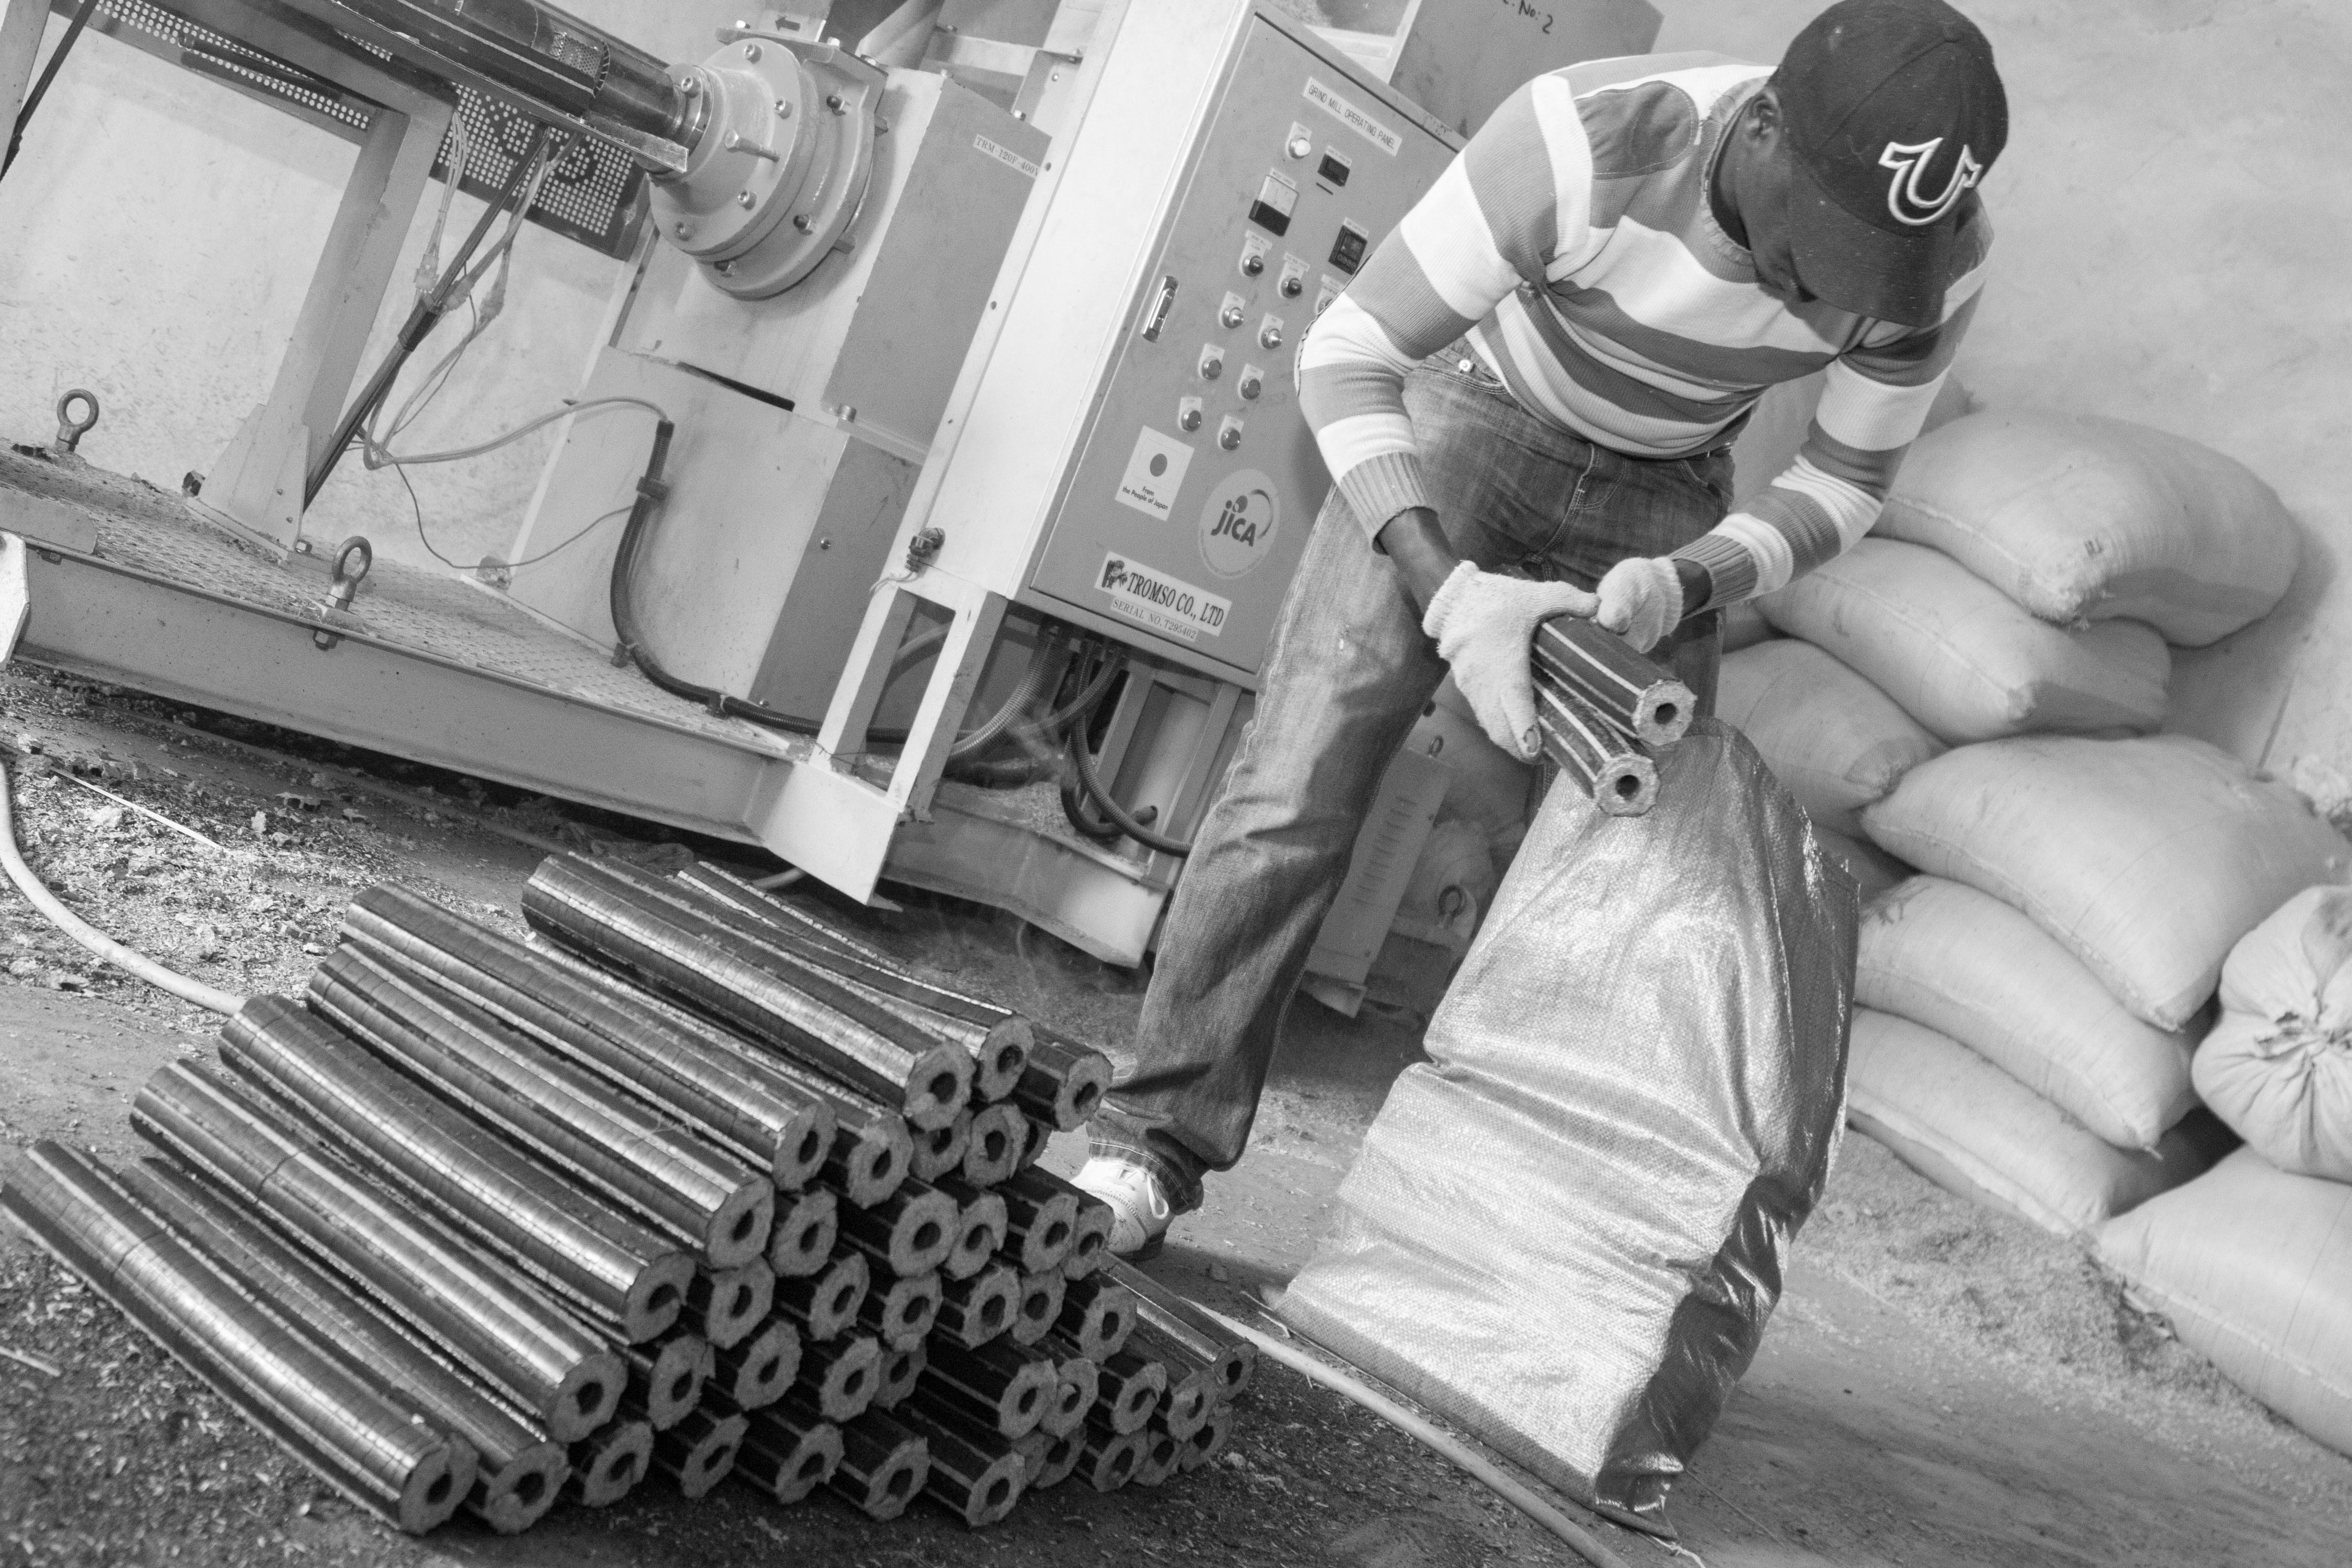 Industrial cleaner swinton edmonton